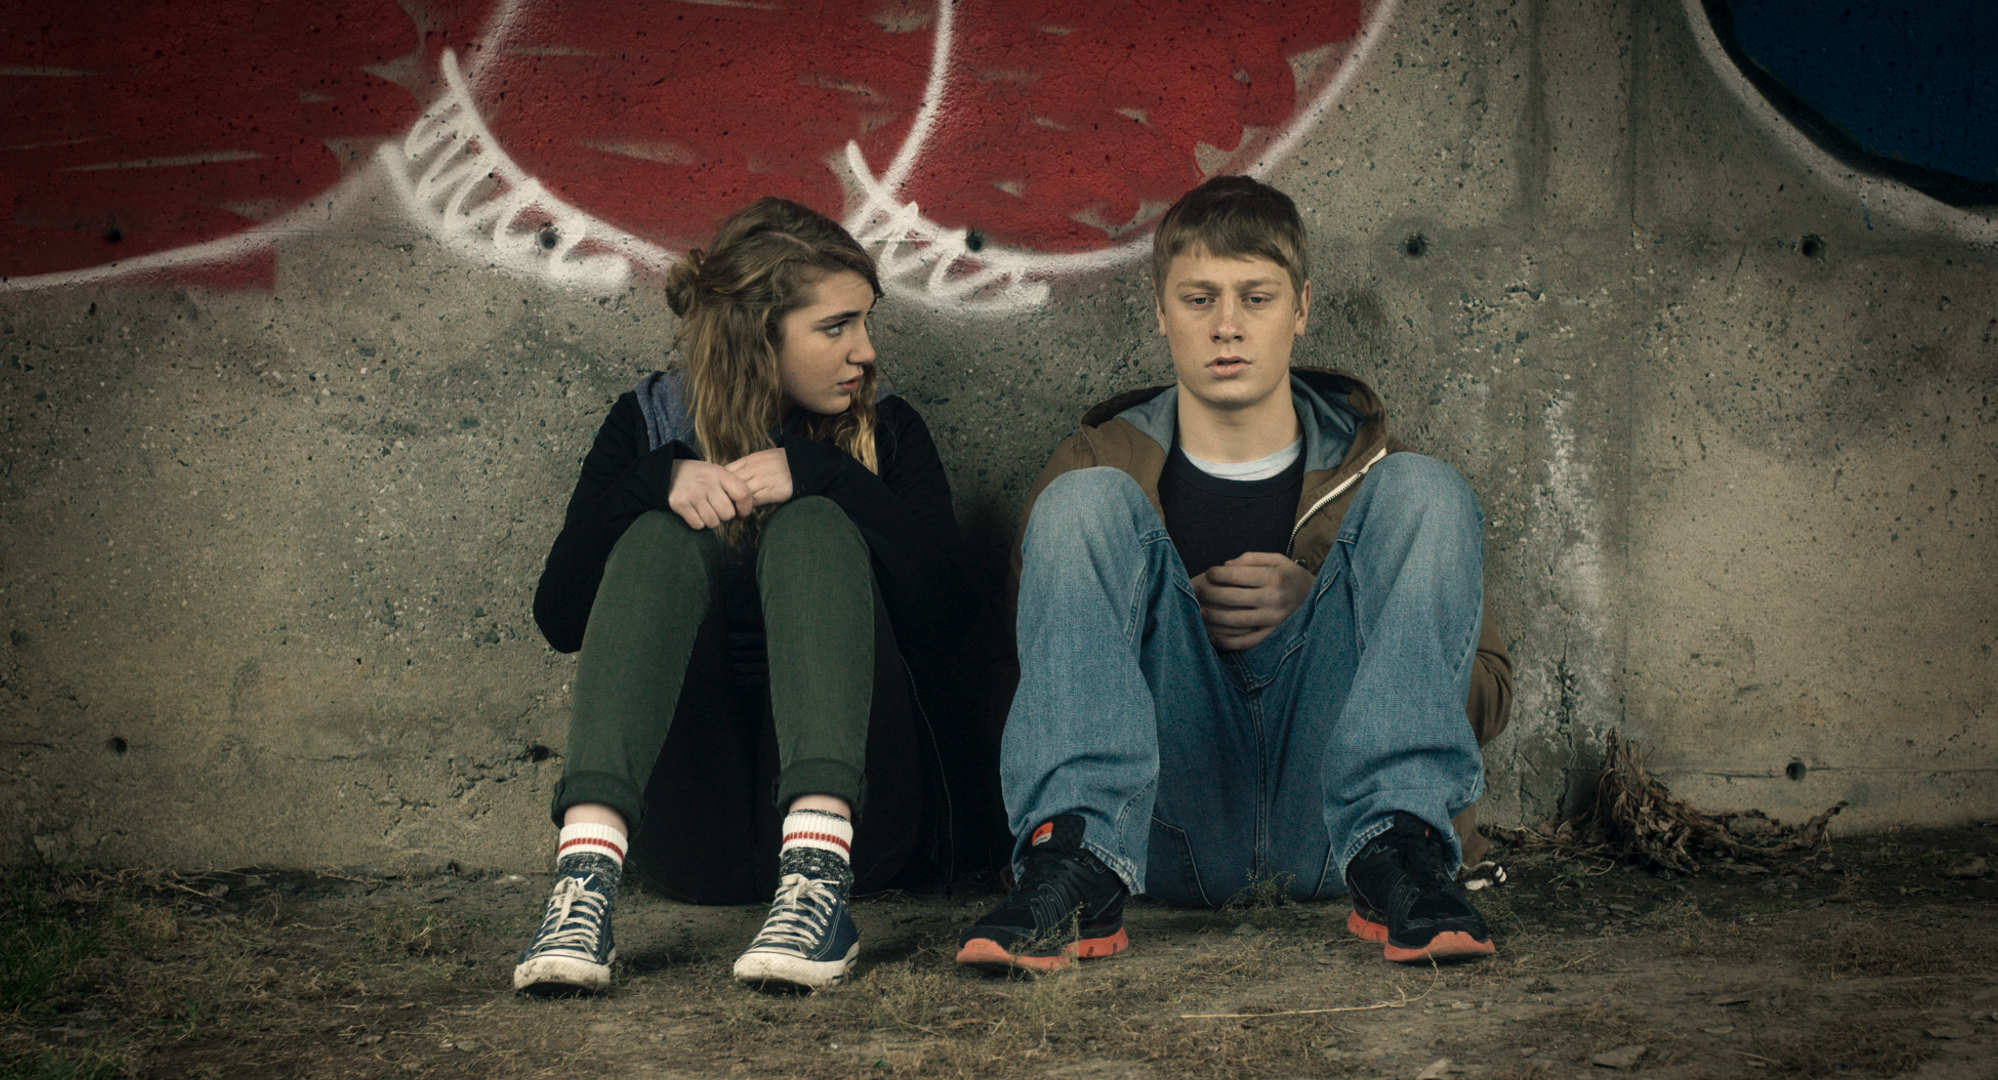 """Das Filmfest Hamburg widmet sich mit dem Film """"1:54"""" dem Thema Mobbing in der Schule."""